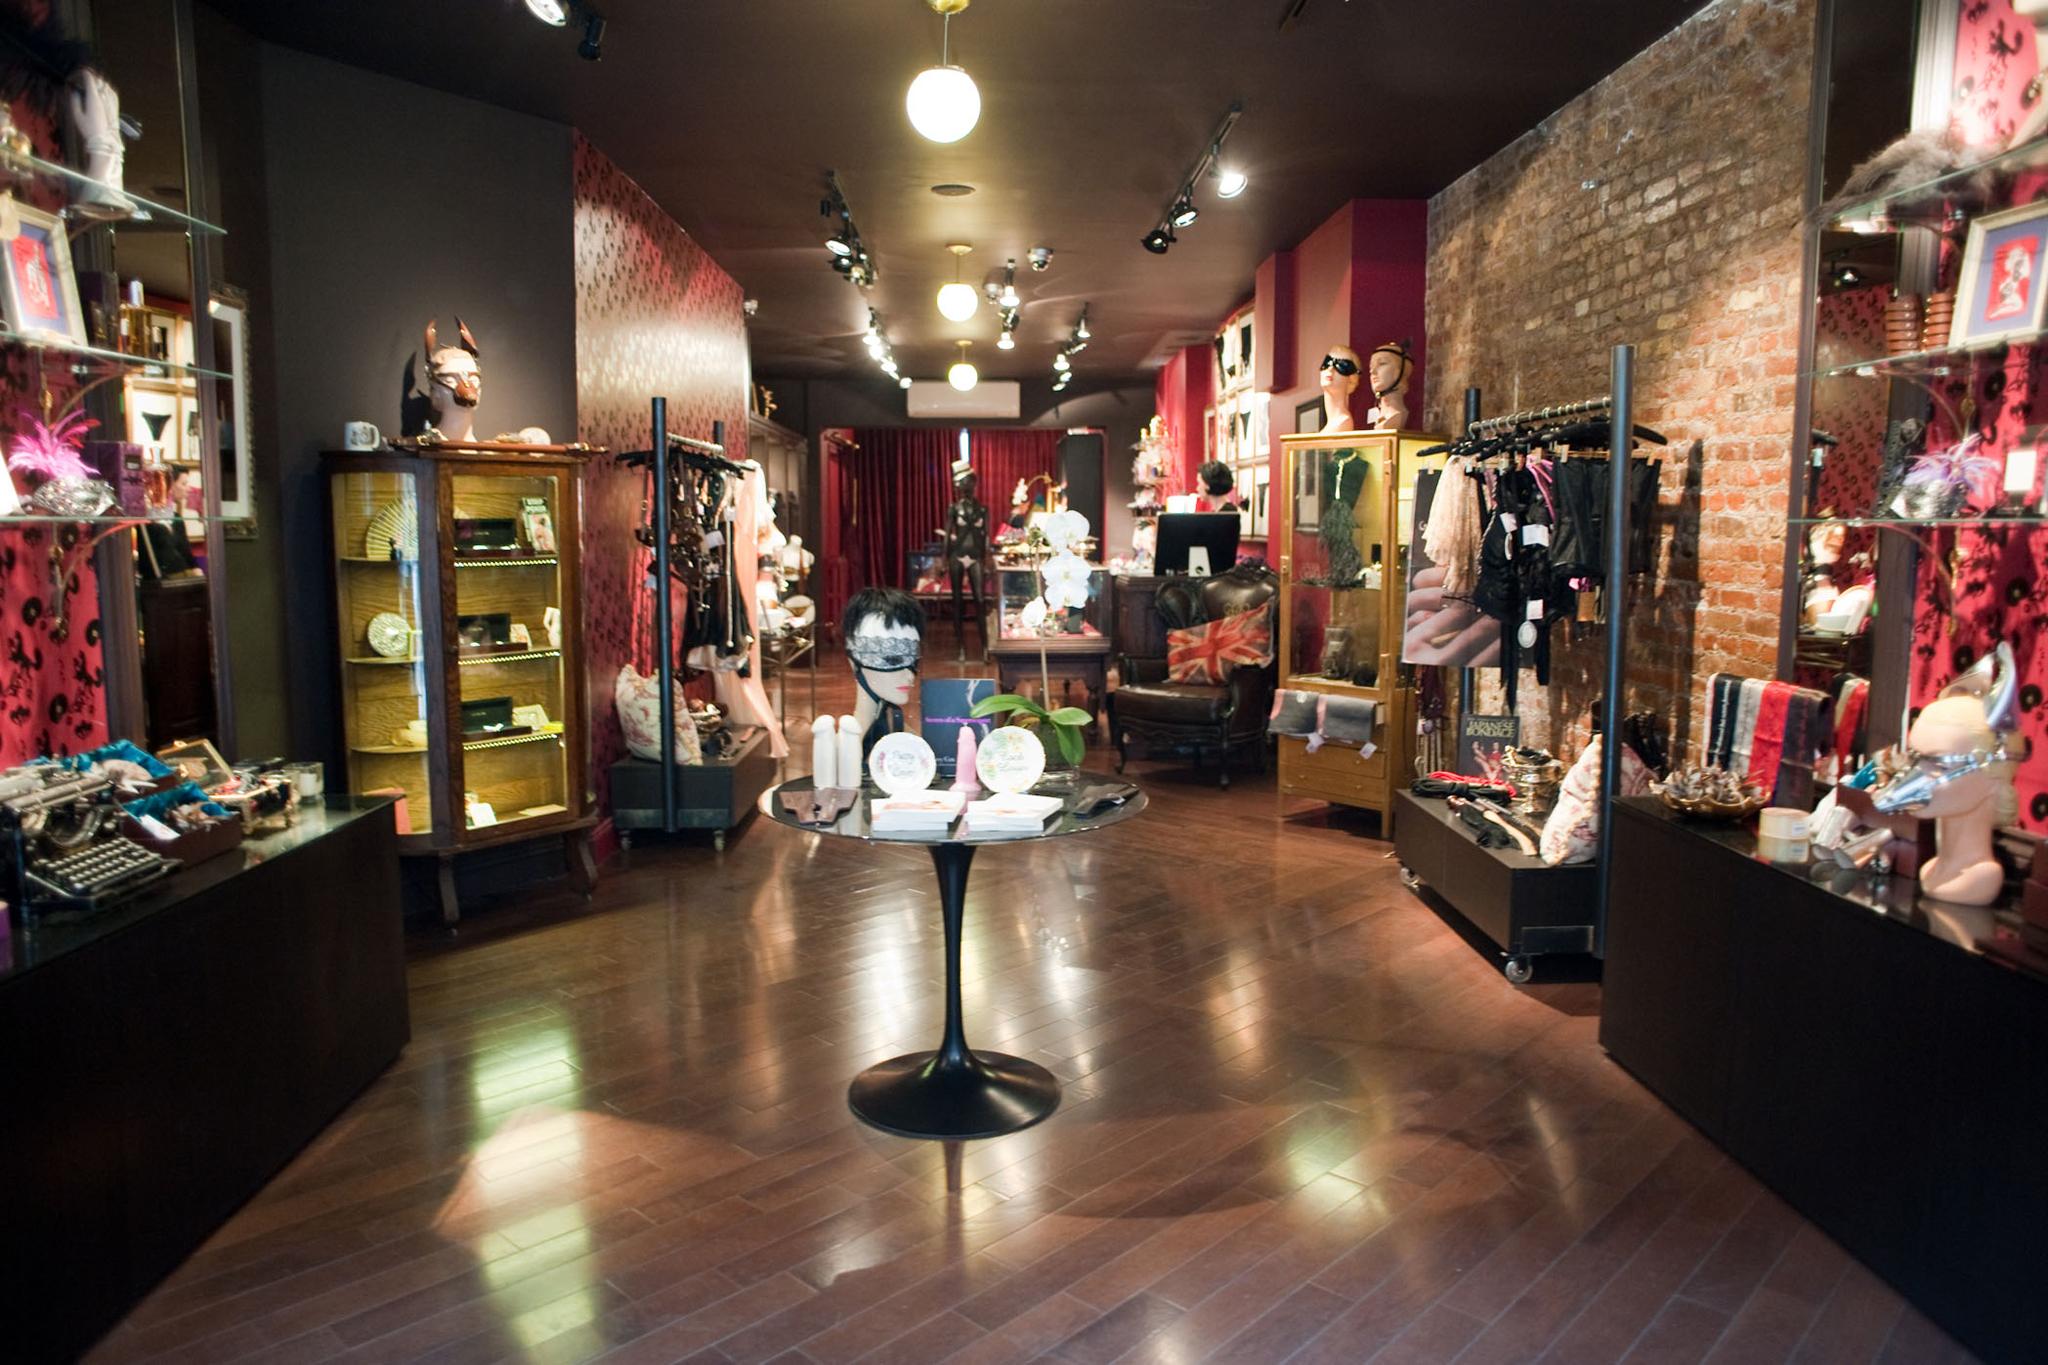 Product Sex Paris Adult Shops Store